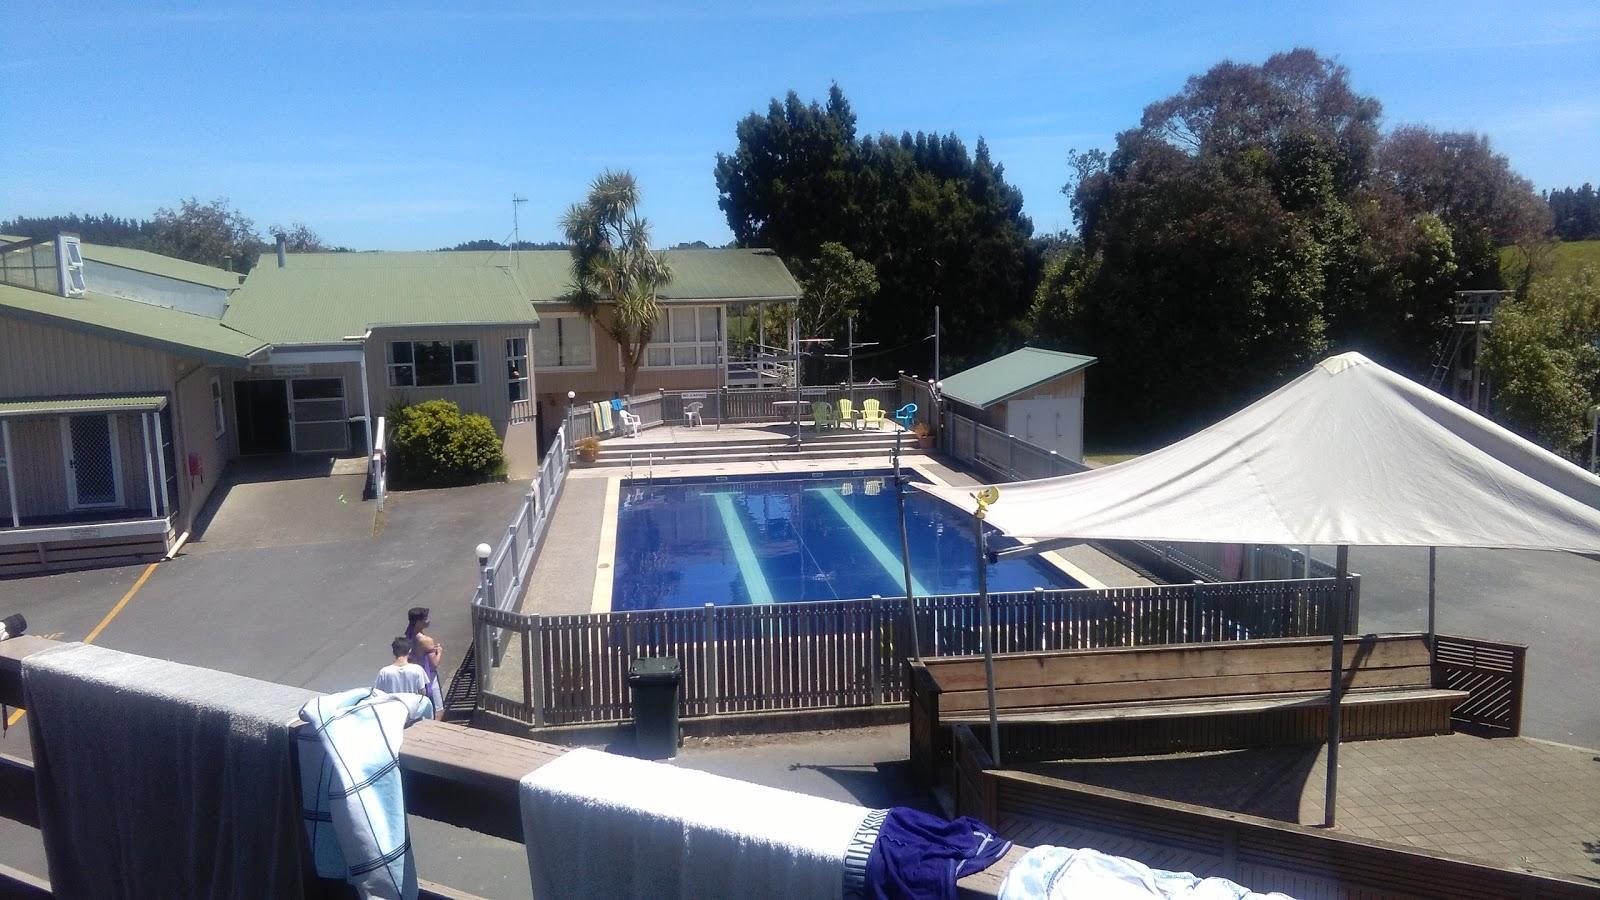 Byrons Resort